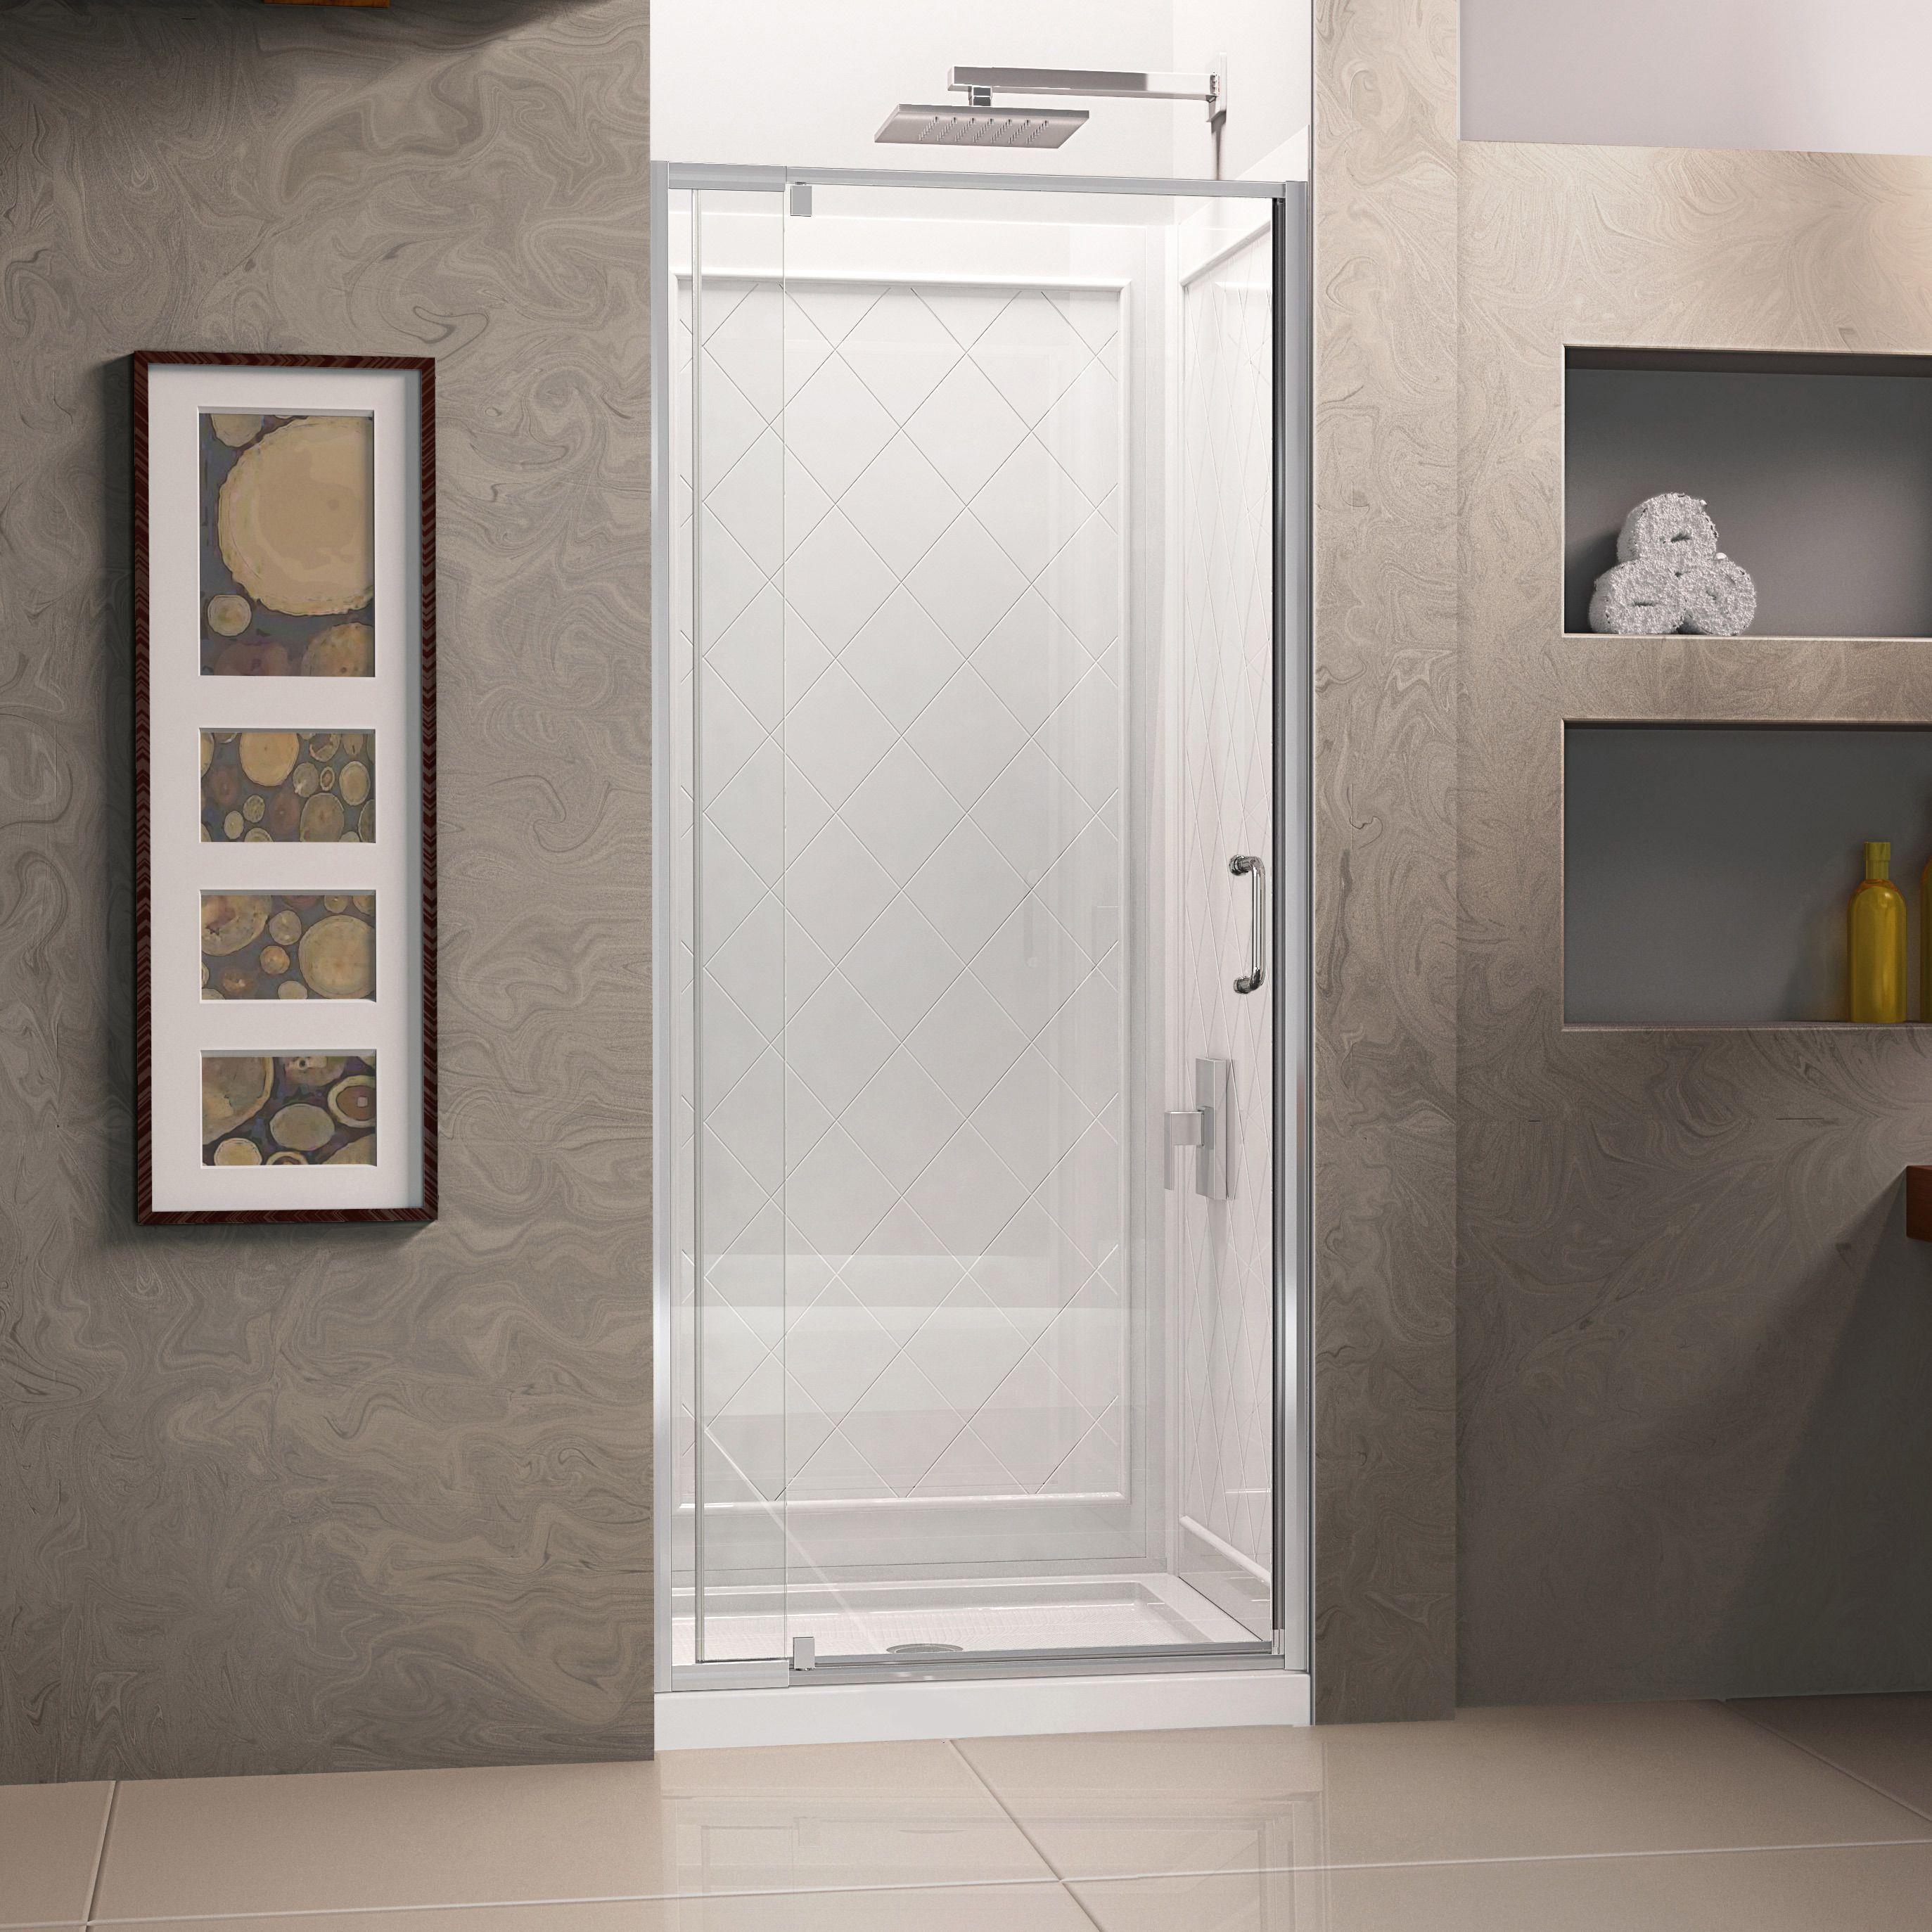 Dreamline Flex 32 In D X 32 In W X 76 3 4 In H Pivot Shower